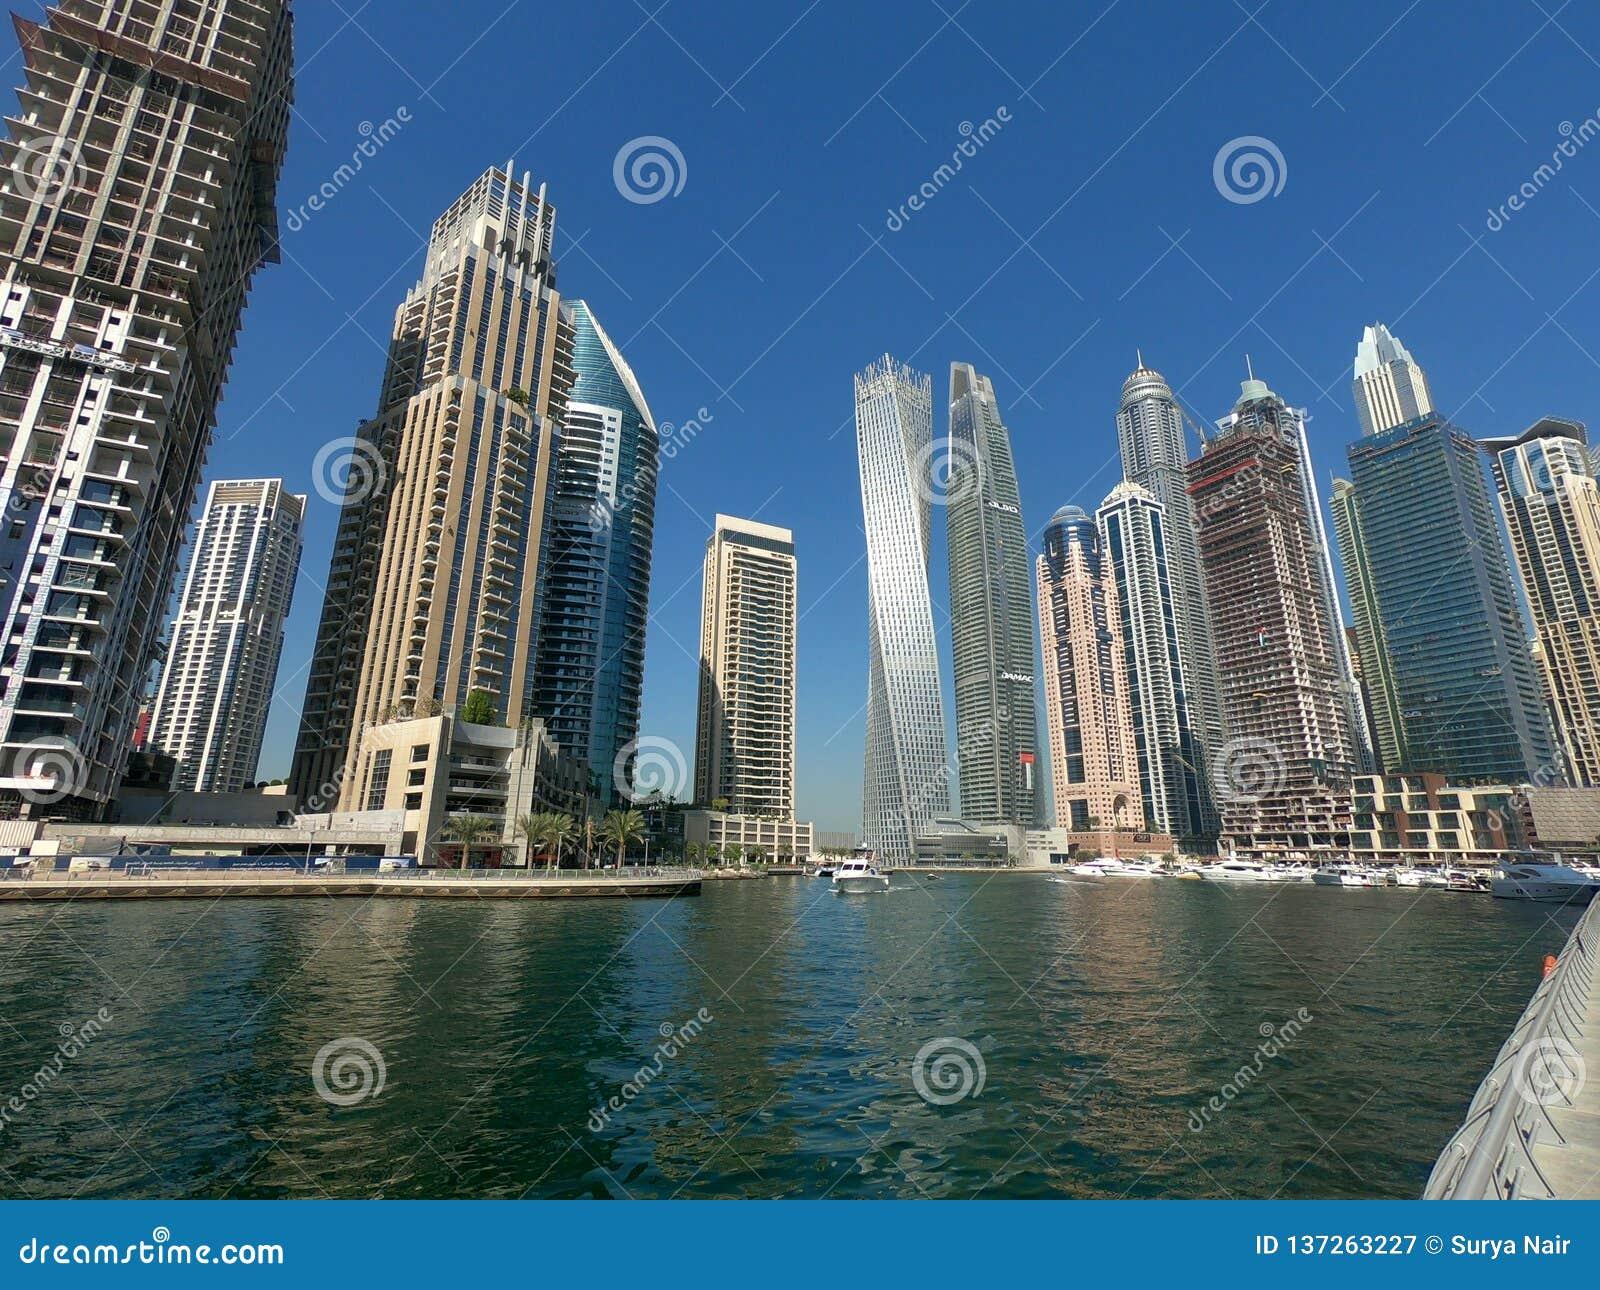 Wolkenkrabbers, Woningbouw in Doubai Marina Skyline worden gezien die